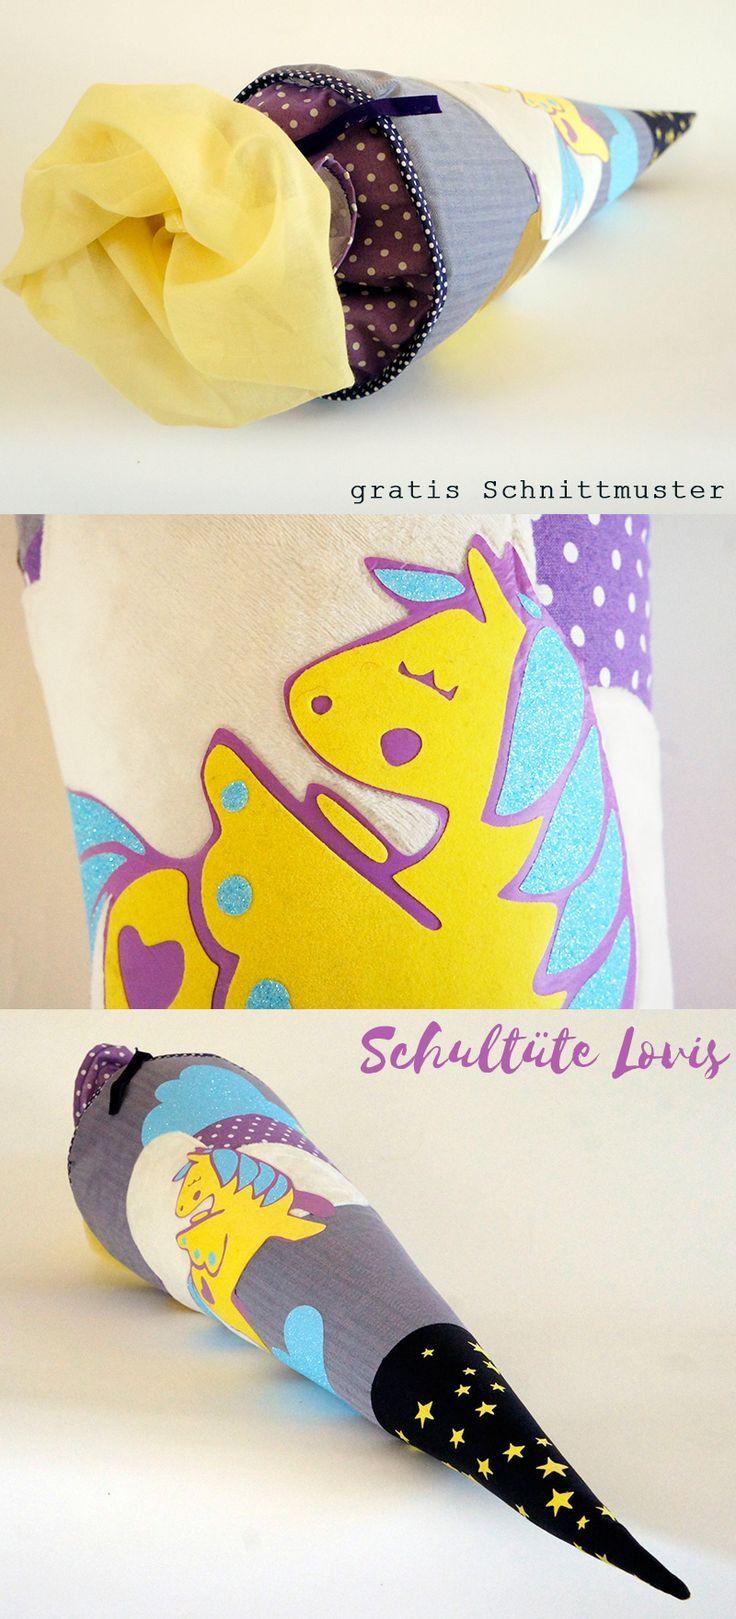 Pferde Schultüte Lovis | Gratis schnittmuster, Schultüte und ...